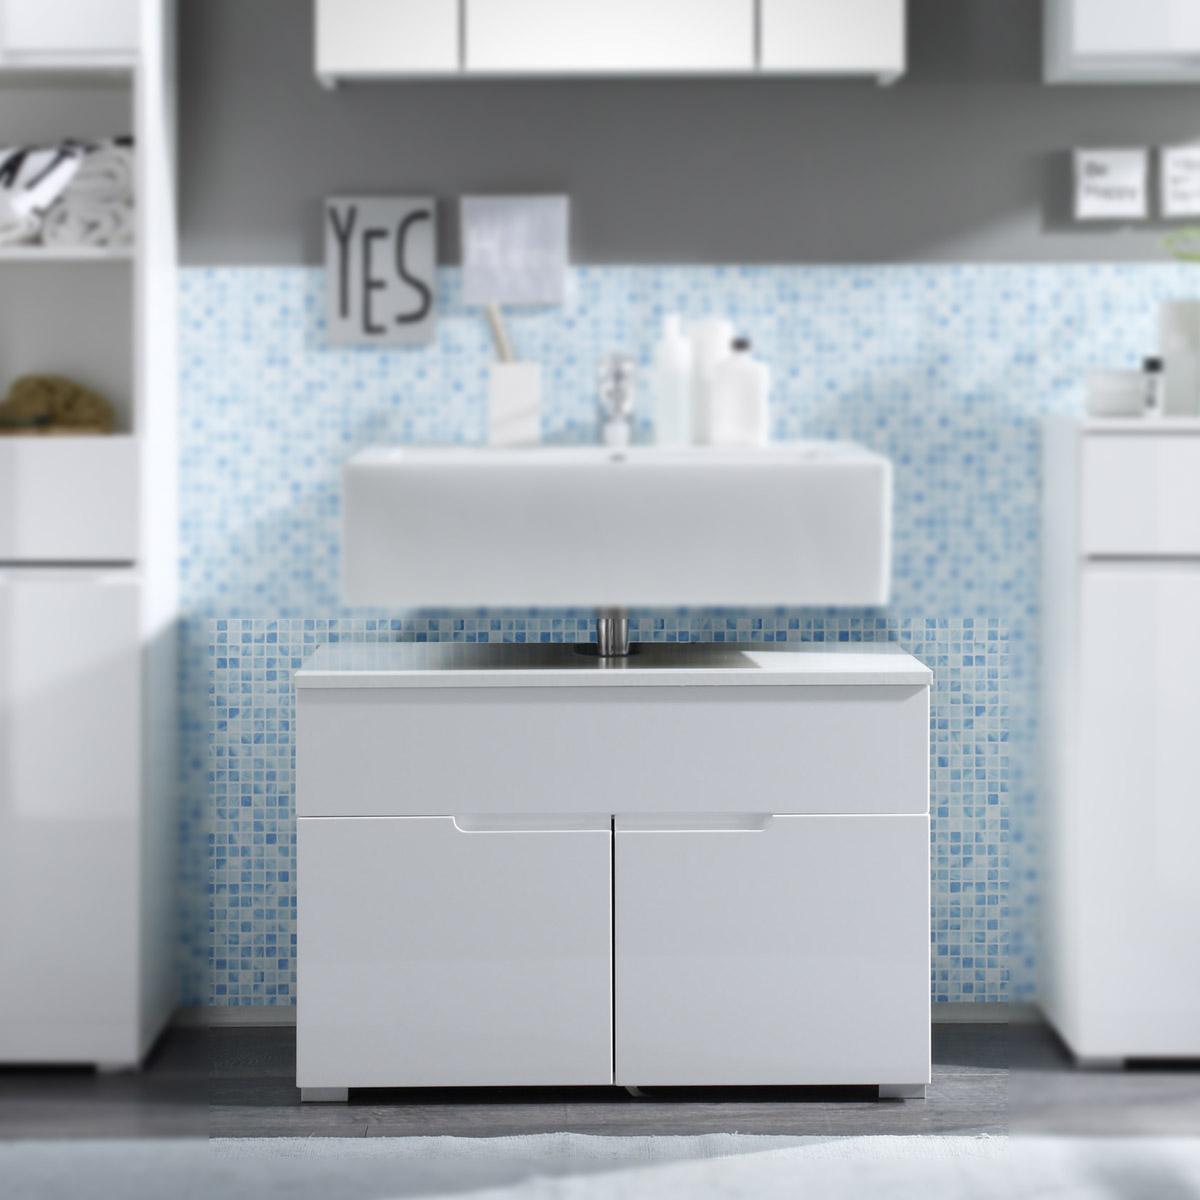 waschbeckenunterschrank spice badezimmer badm bel bad schrank wei hochglanz eur 89 95. Black Bedroom Furniture Sets. Home Design Ideas